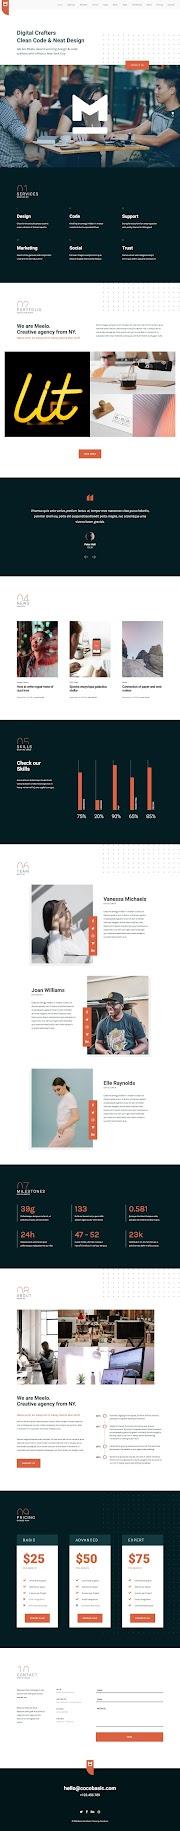 [Wp Theme] Meelo One Page WordPress Theme - Premium OnePage Theme